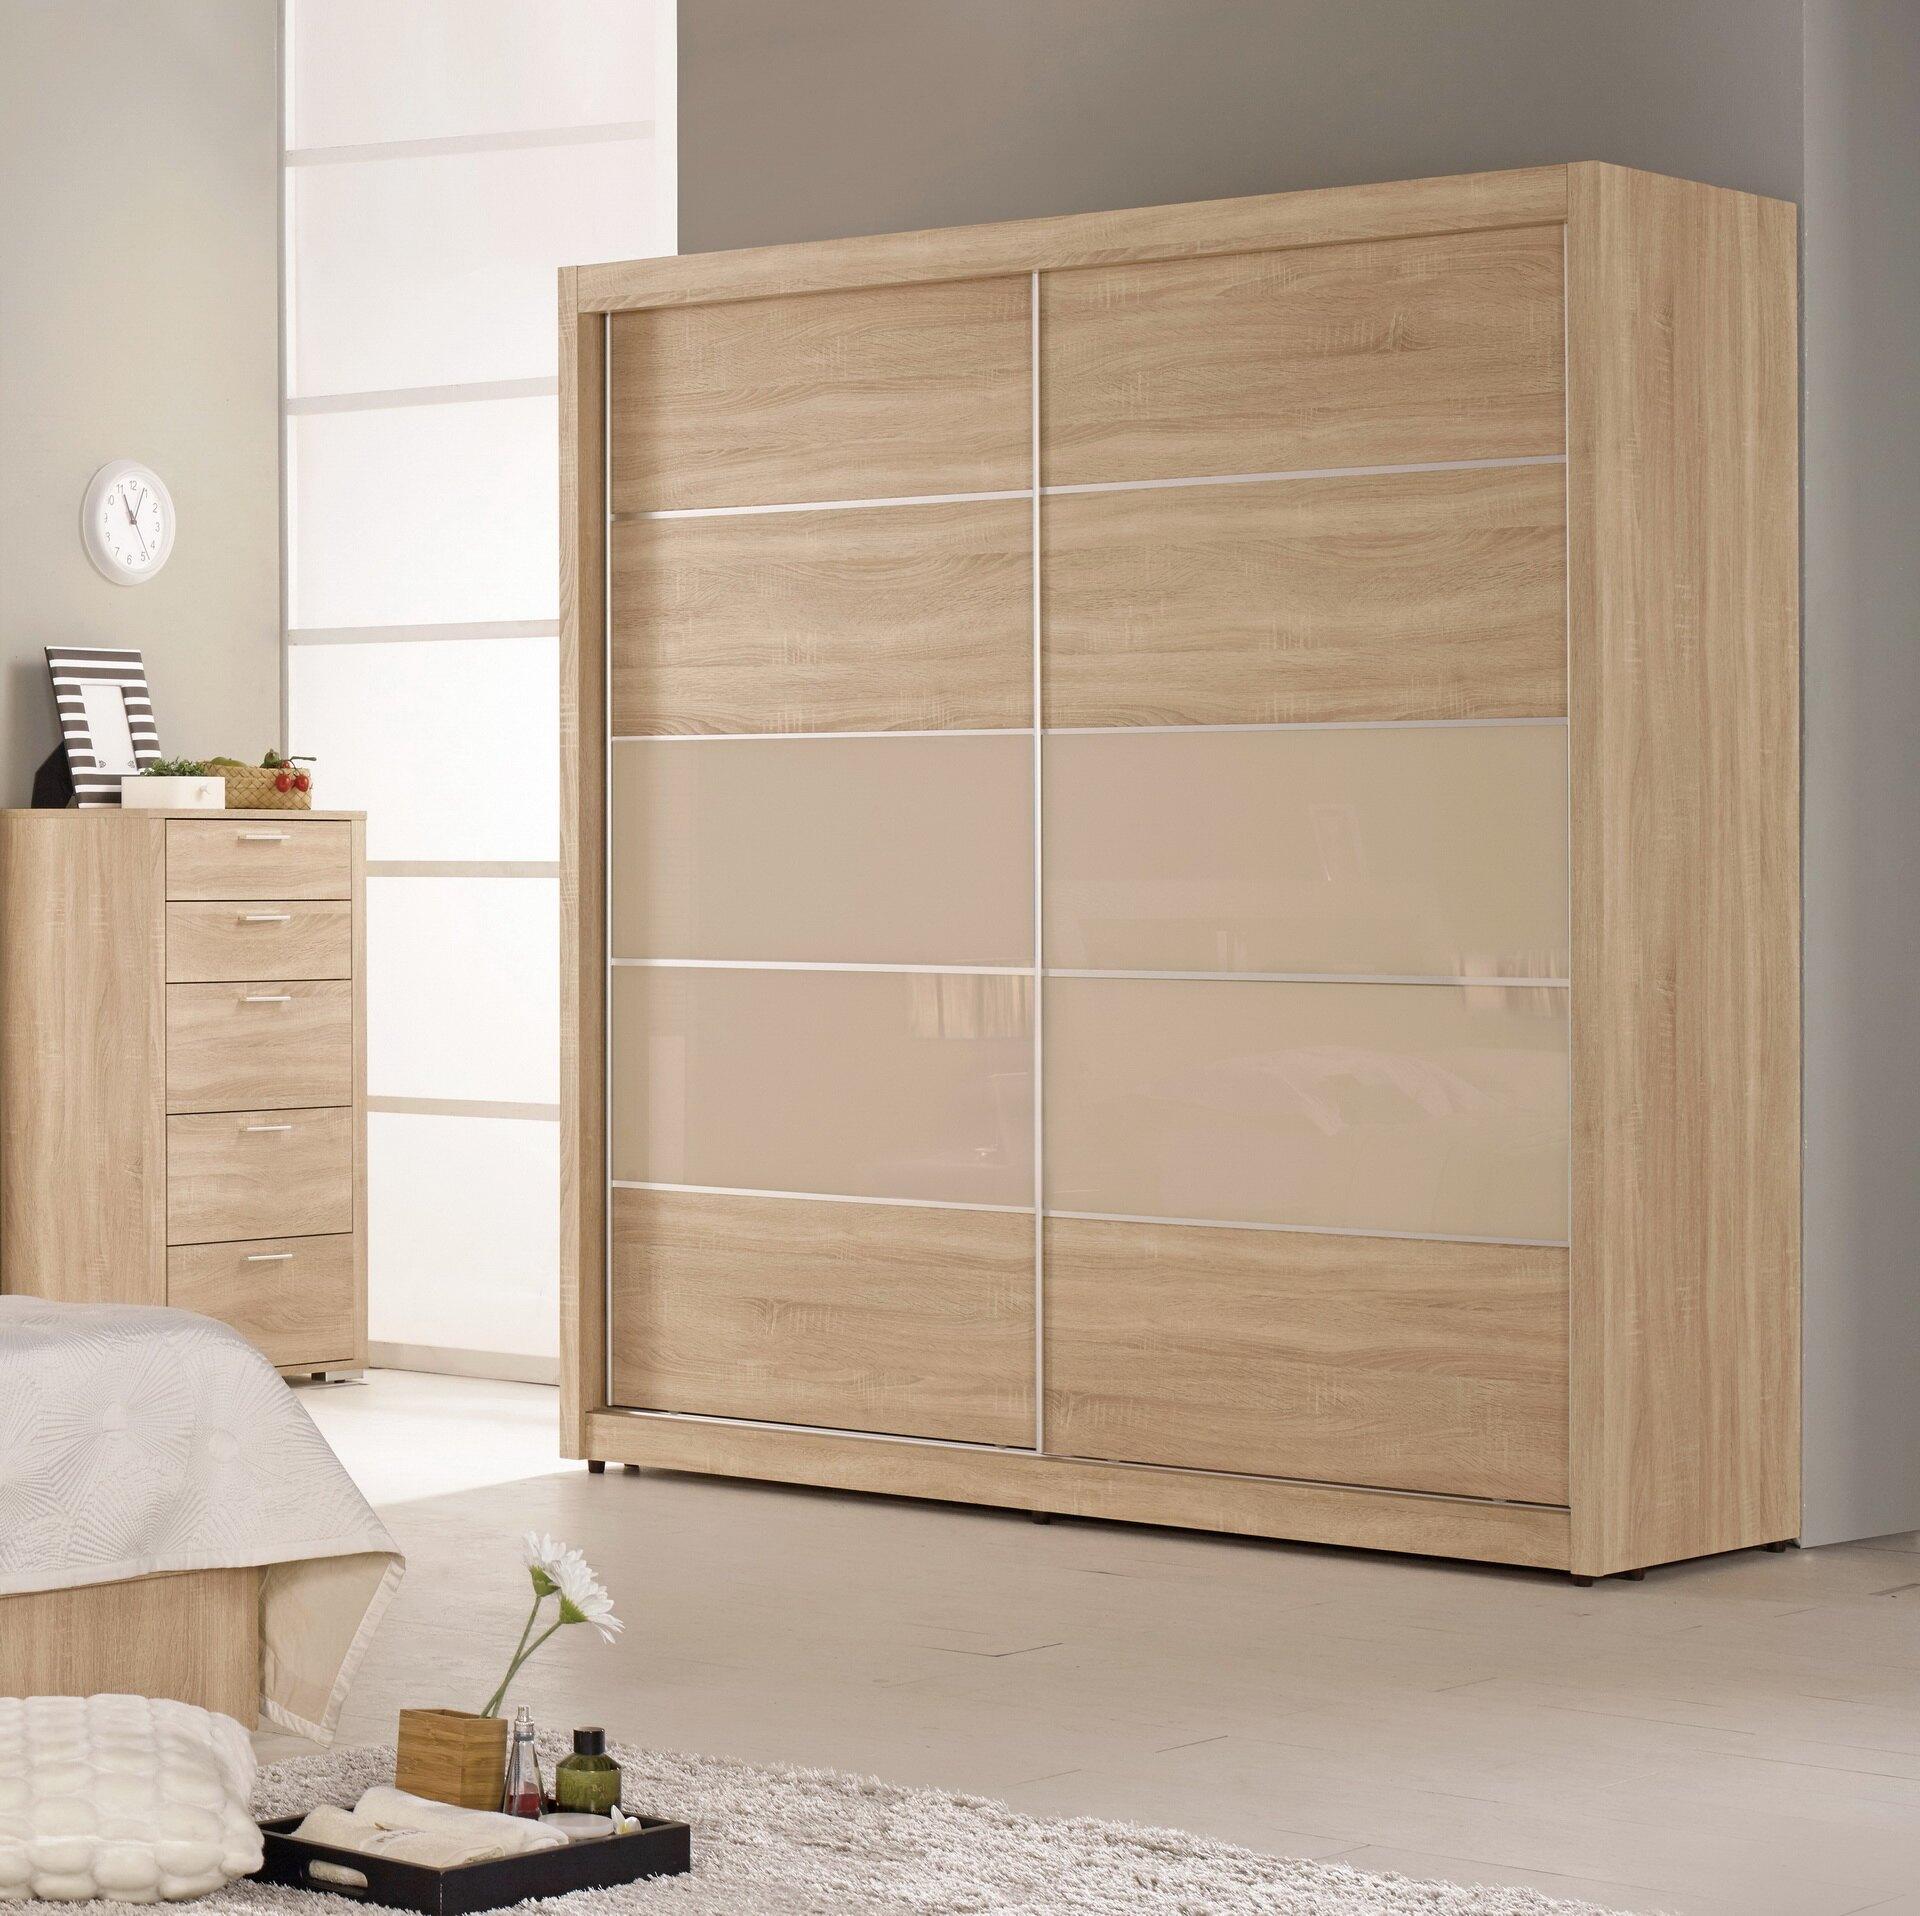 【簡單家具】,G076-1 格瑞斯7尺拉門衣櫥/衣櫃,大台北都會區免運費!